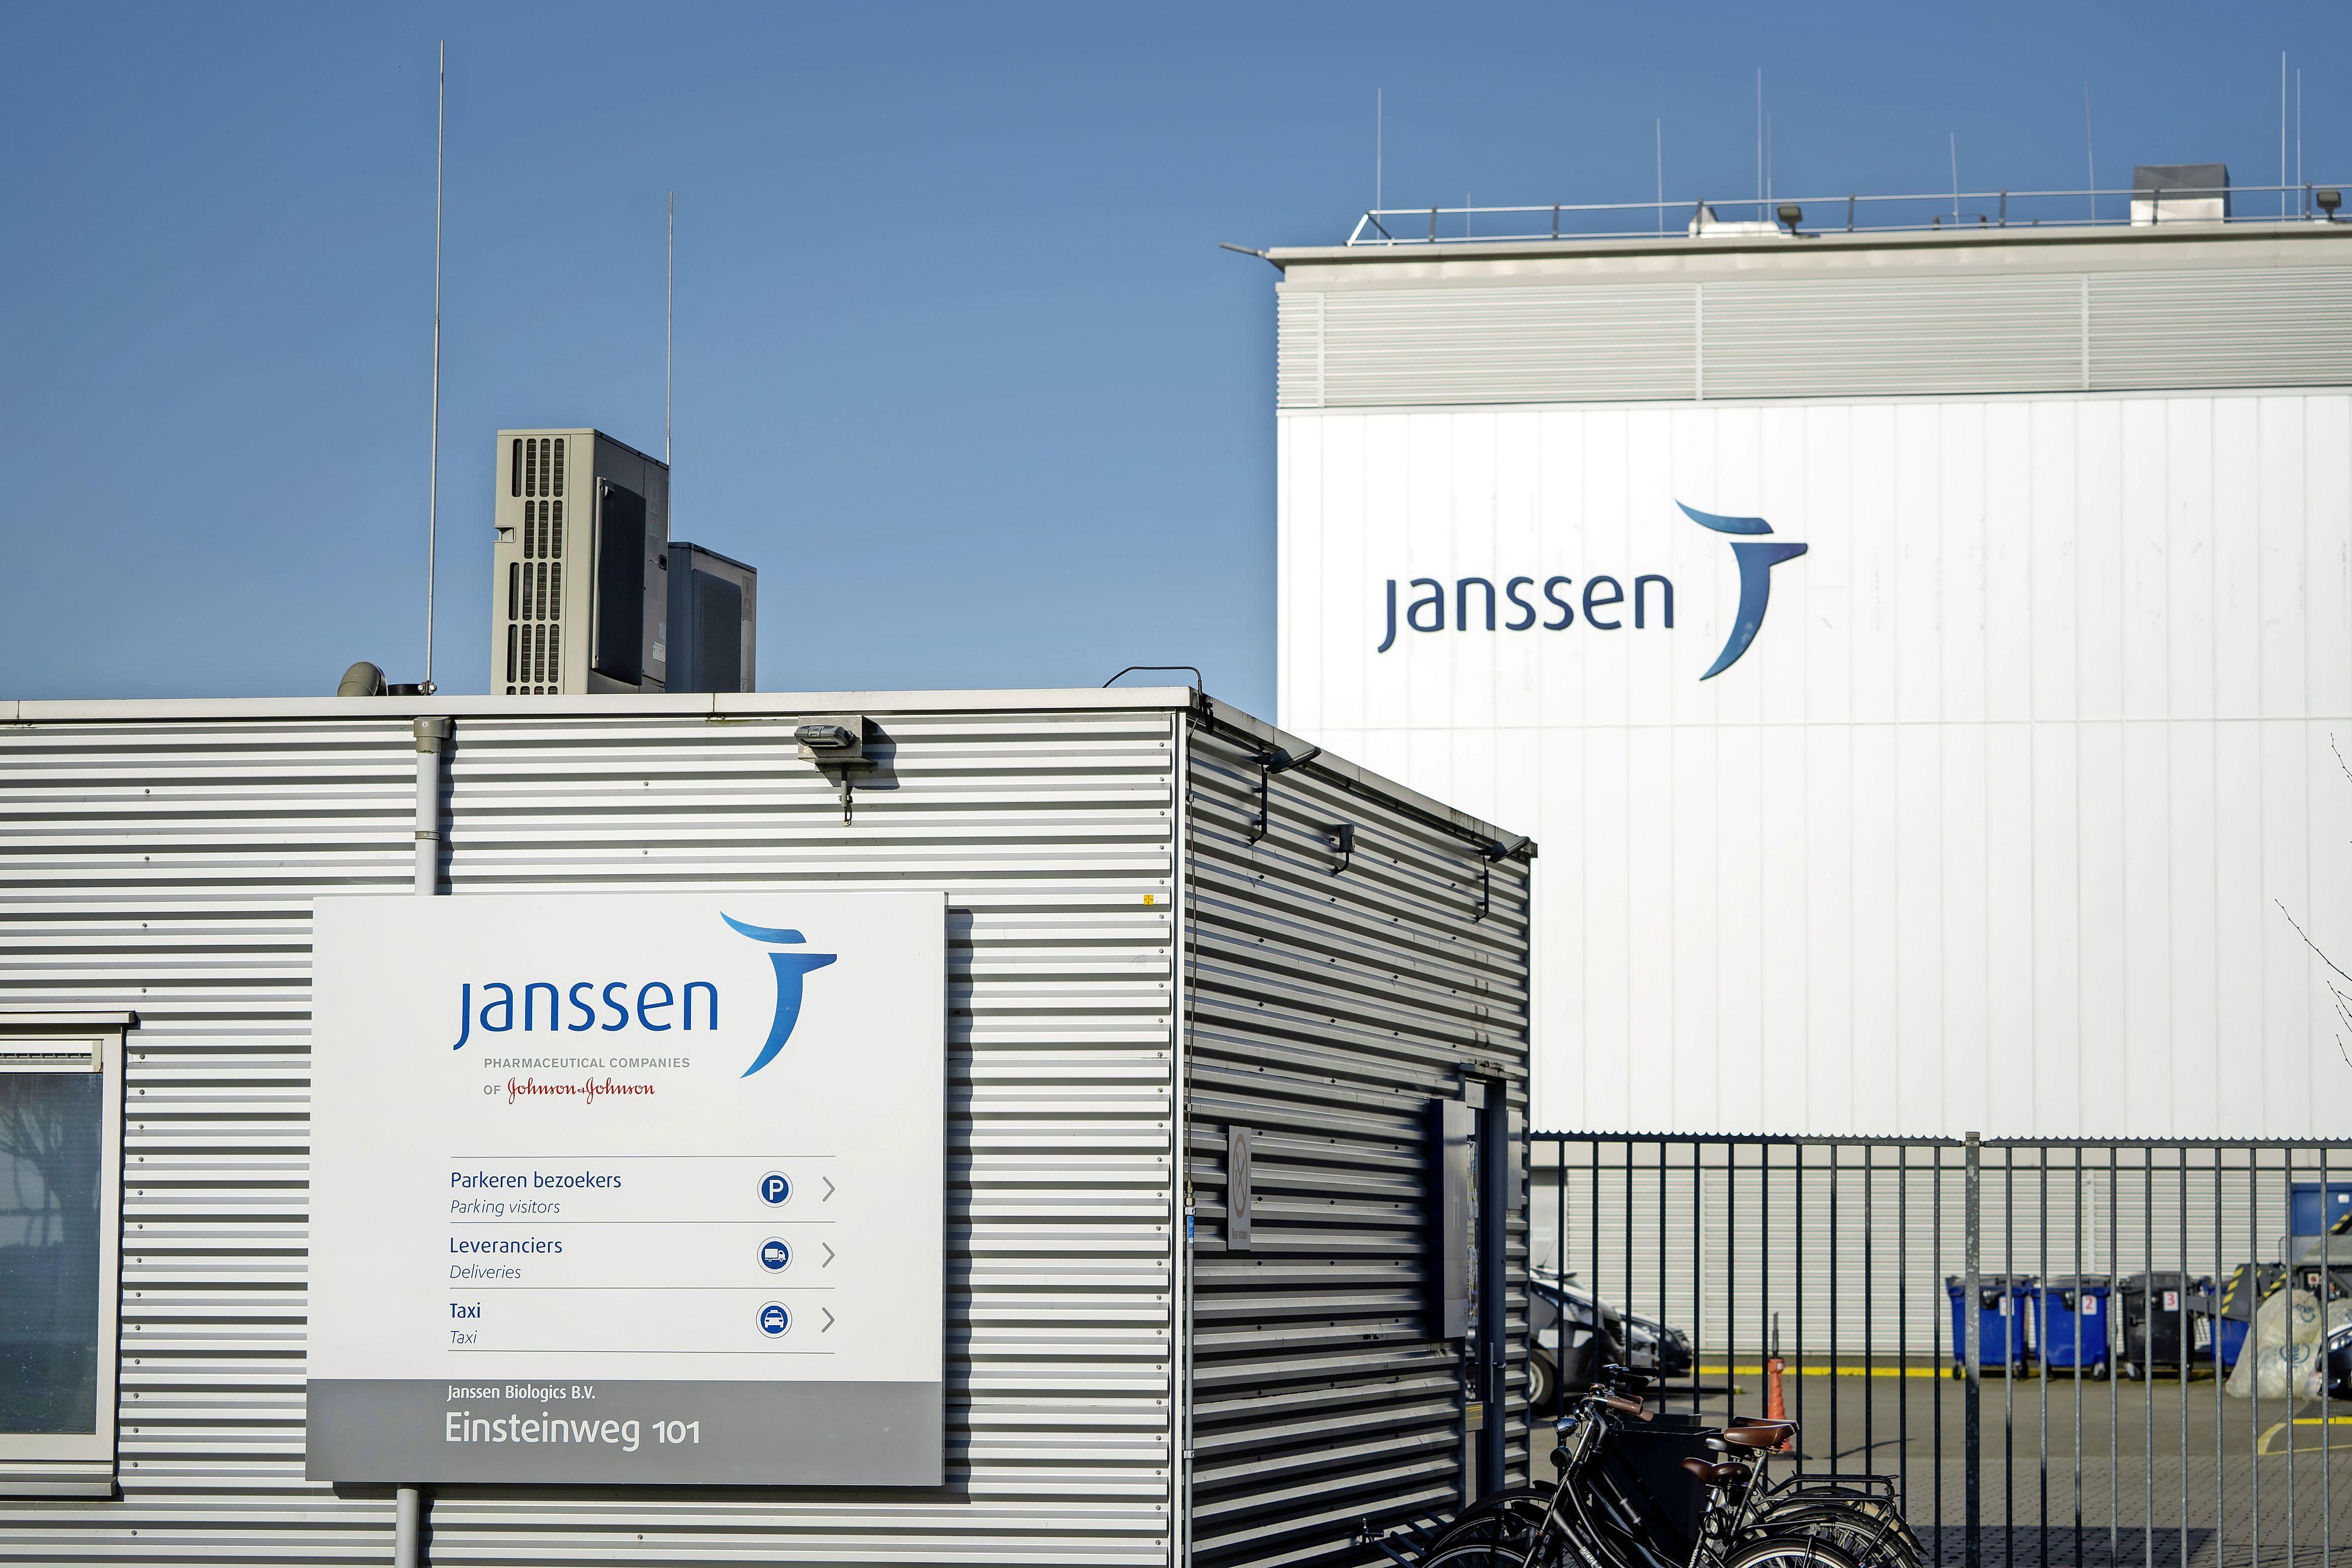 Afsprakennummer Janssen onbereikbaar door vele bellers